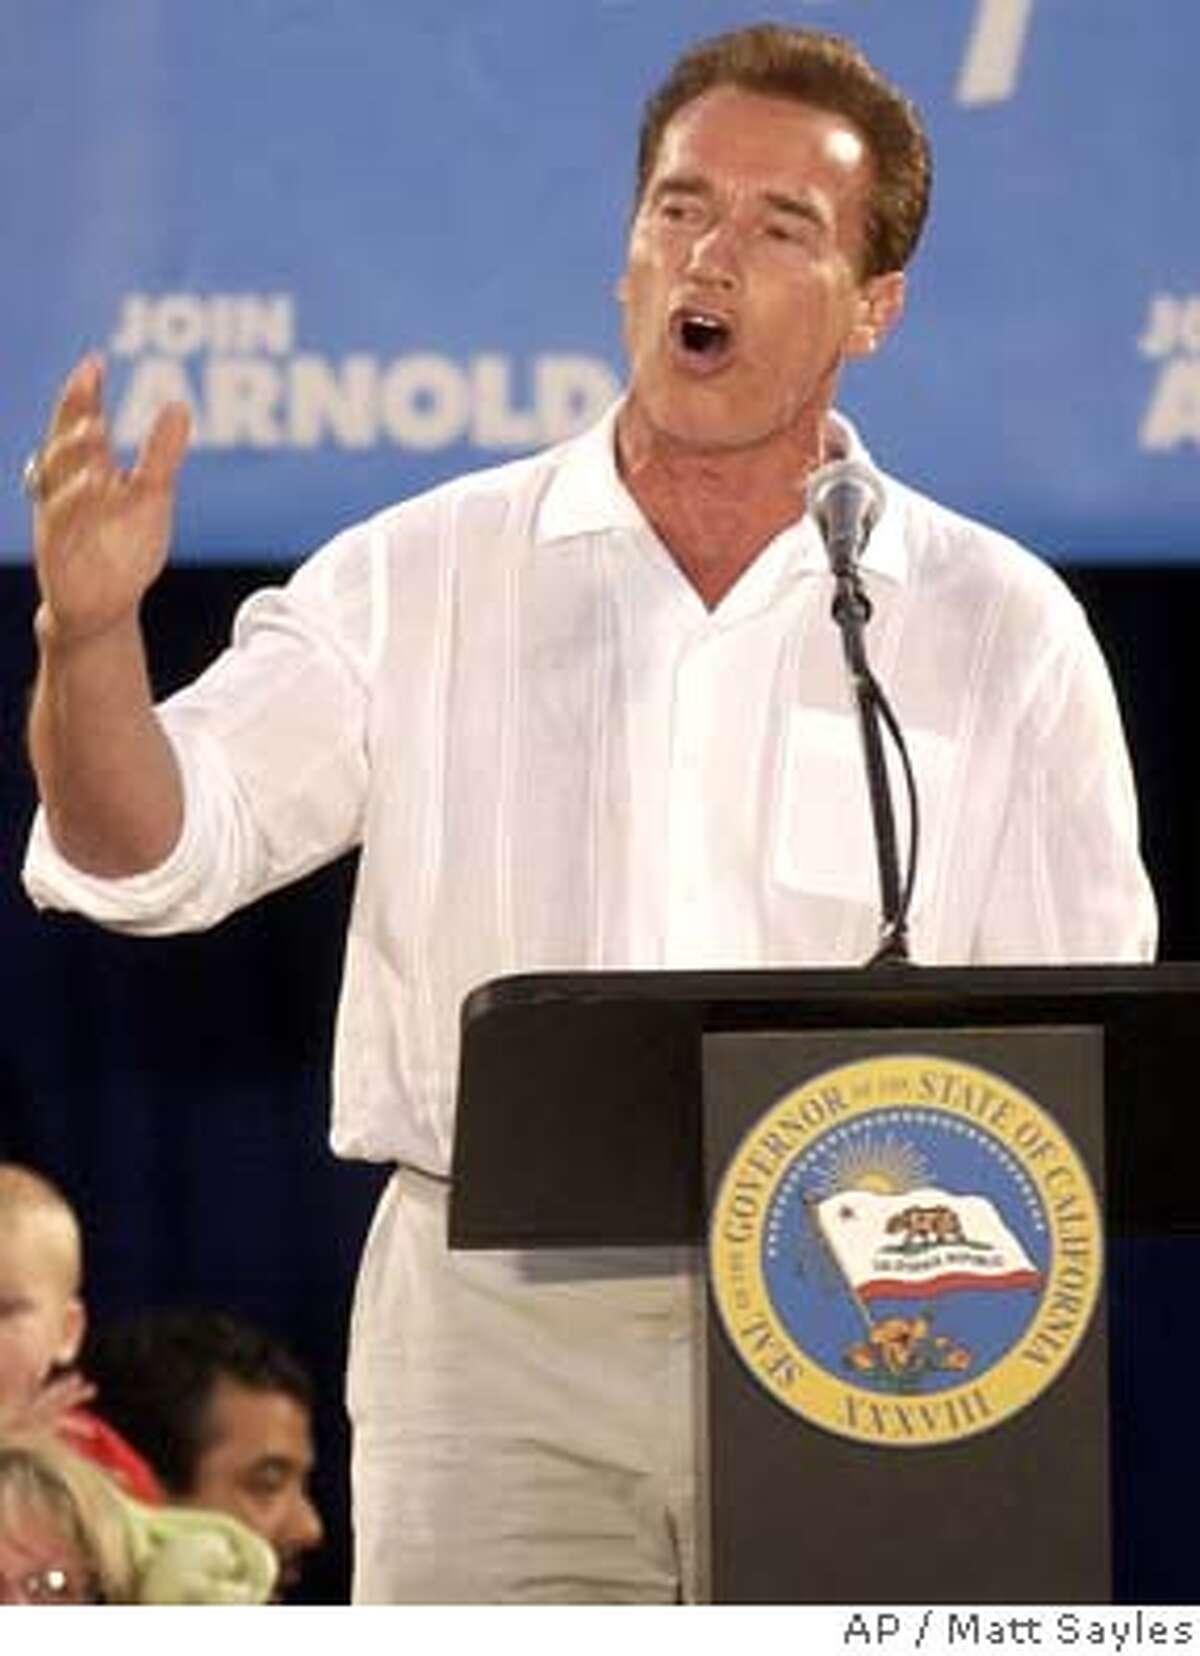 California Gov. Arnold Schwarzenegger speaks at a